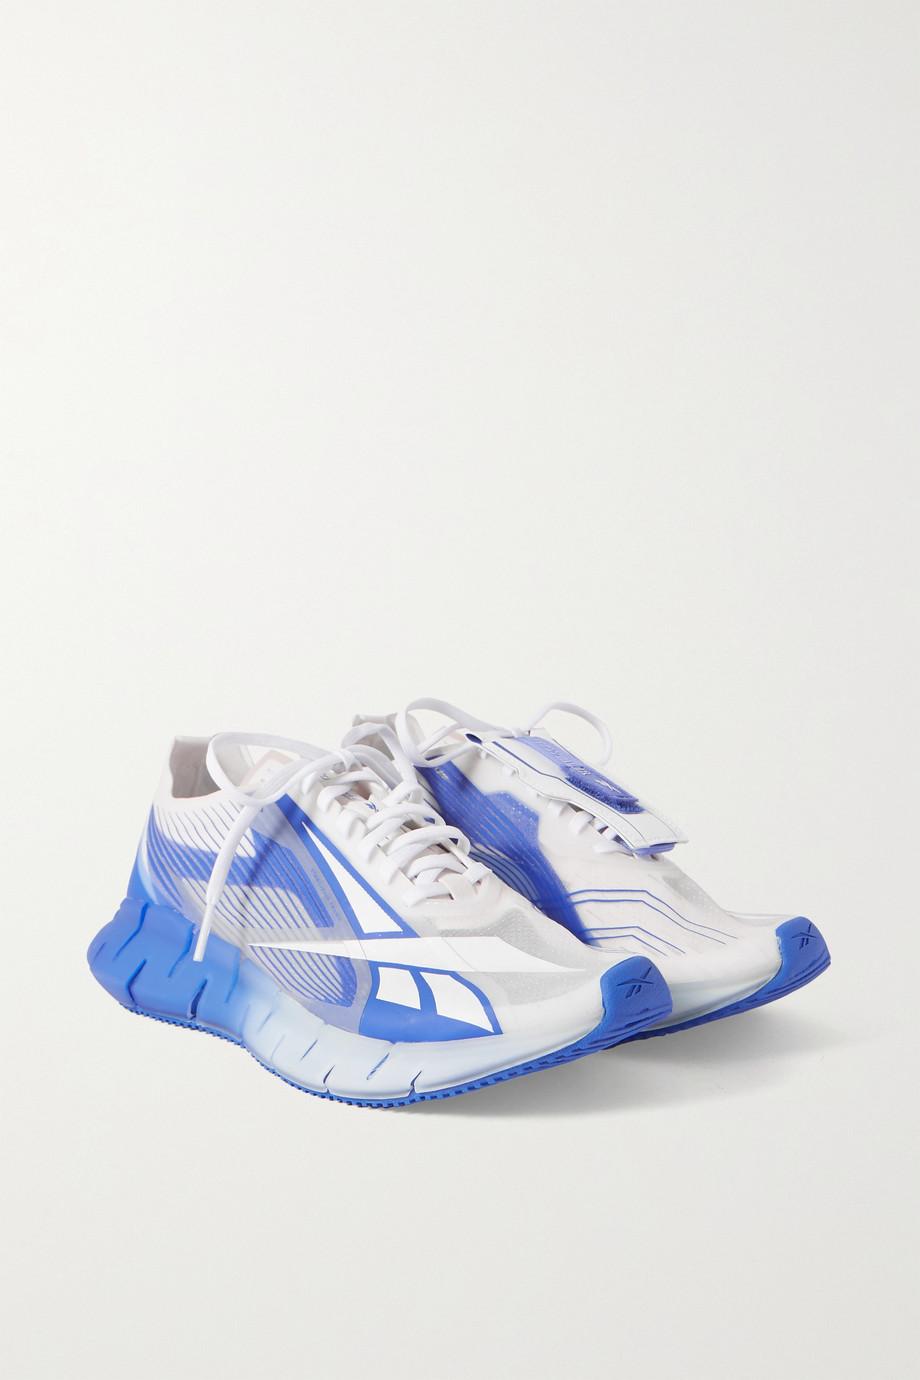 Reebok + Cottweiler Zig 3D Storm rubber and mesh sneakers